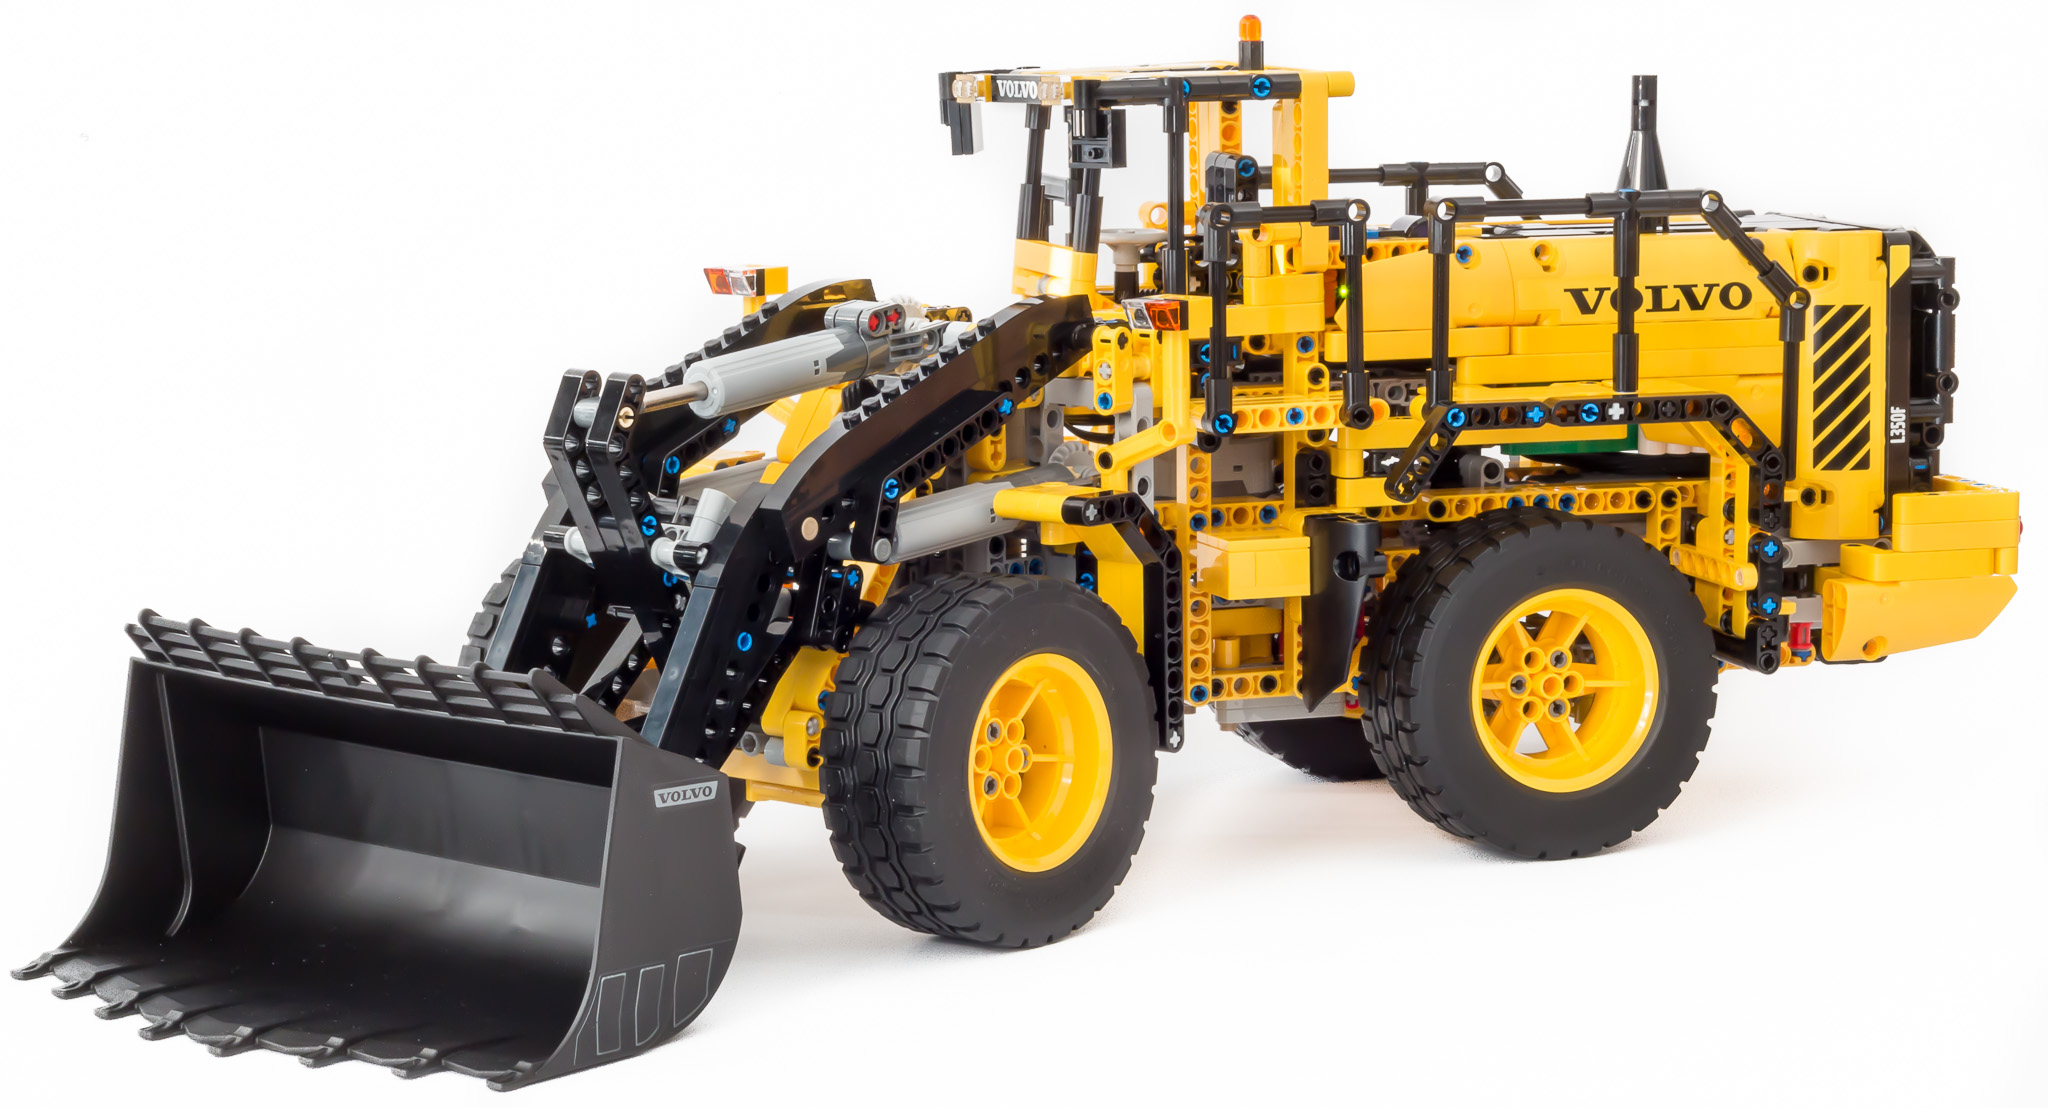 lego technic 42030 volvo l350f front end loader by. Black Bedroom Furniture Sets. Home Design Ideas